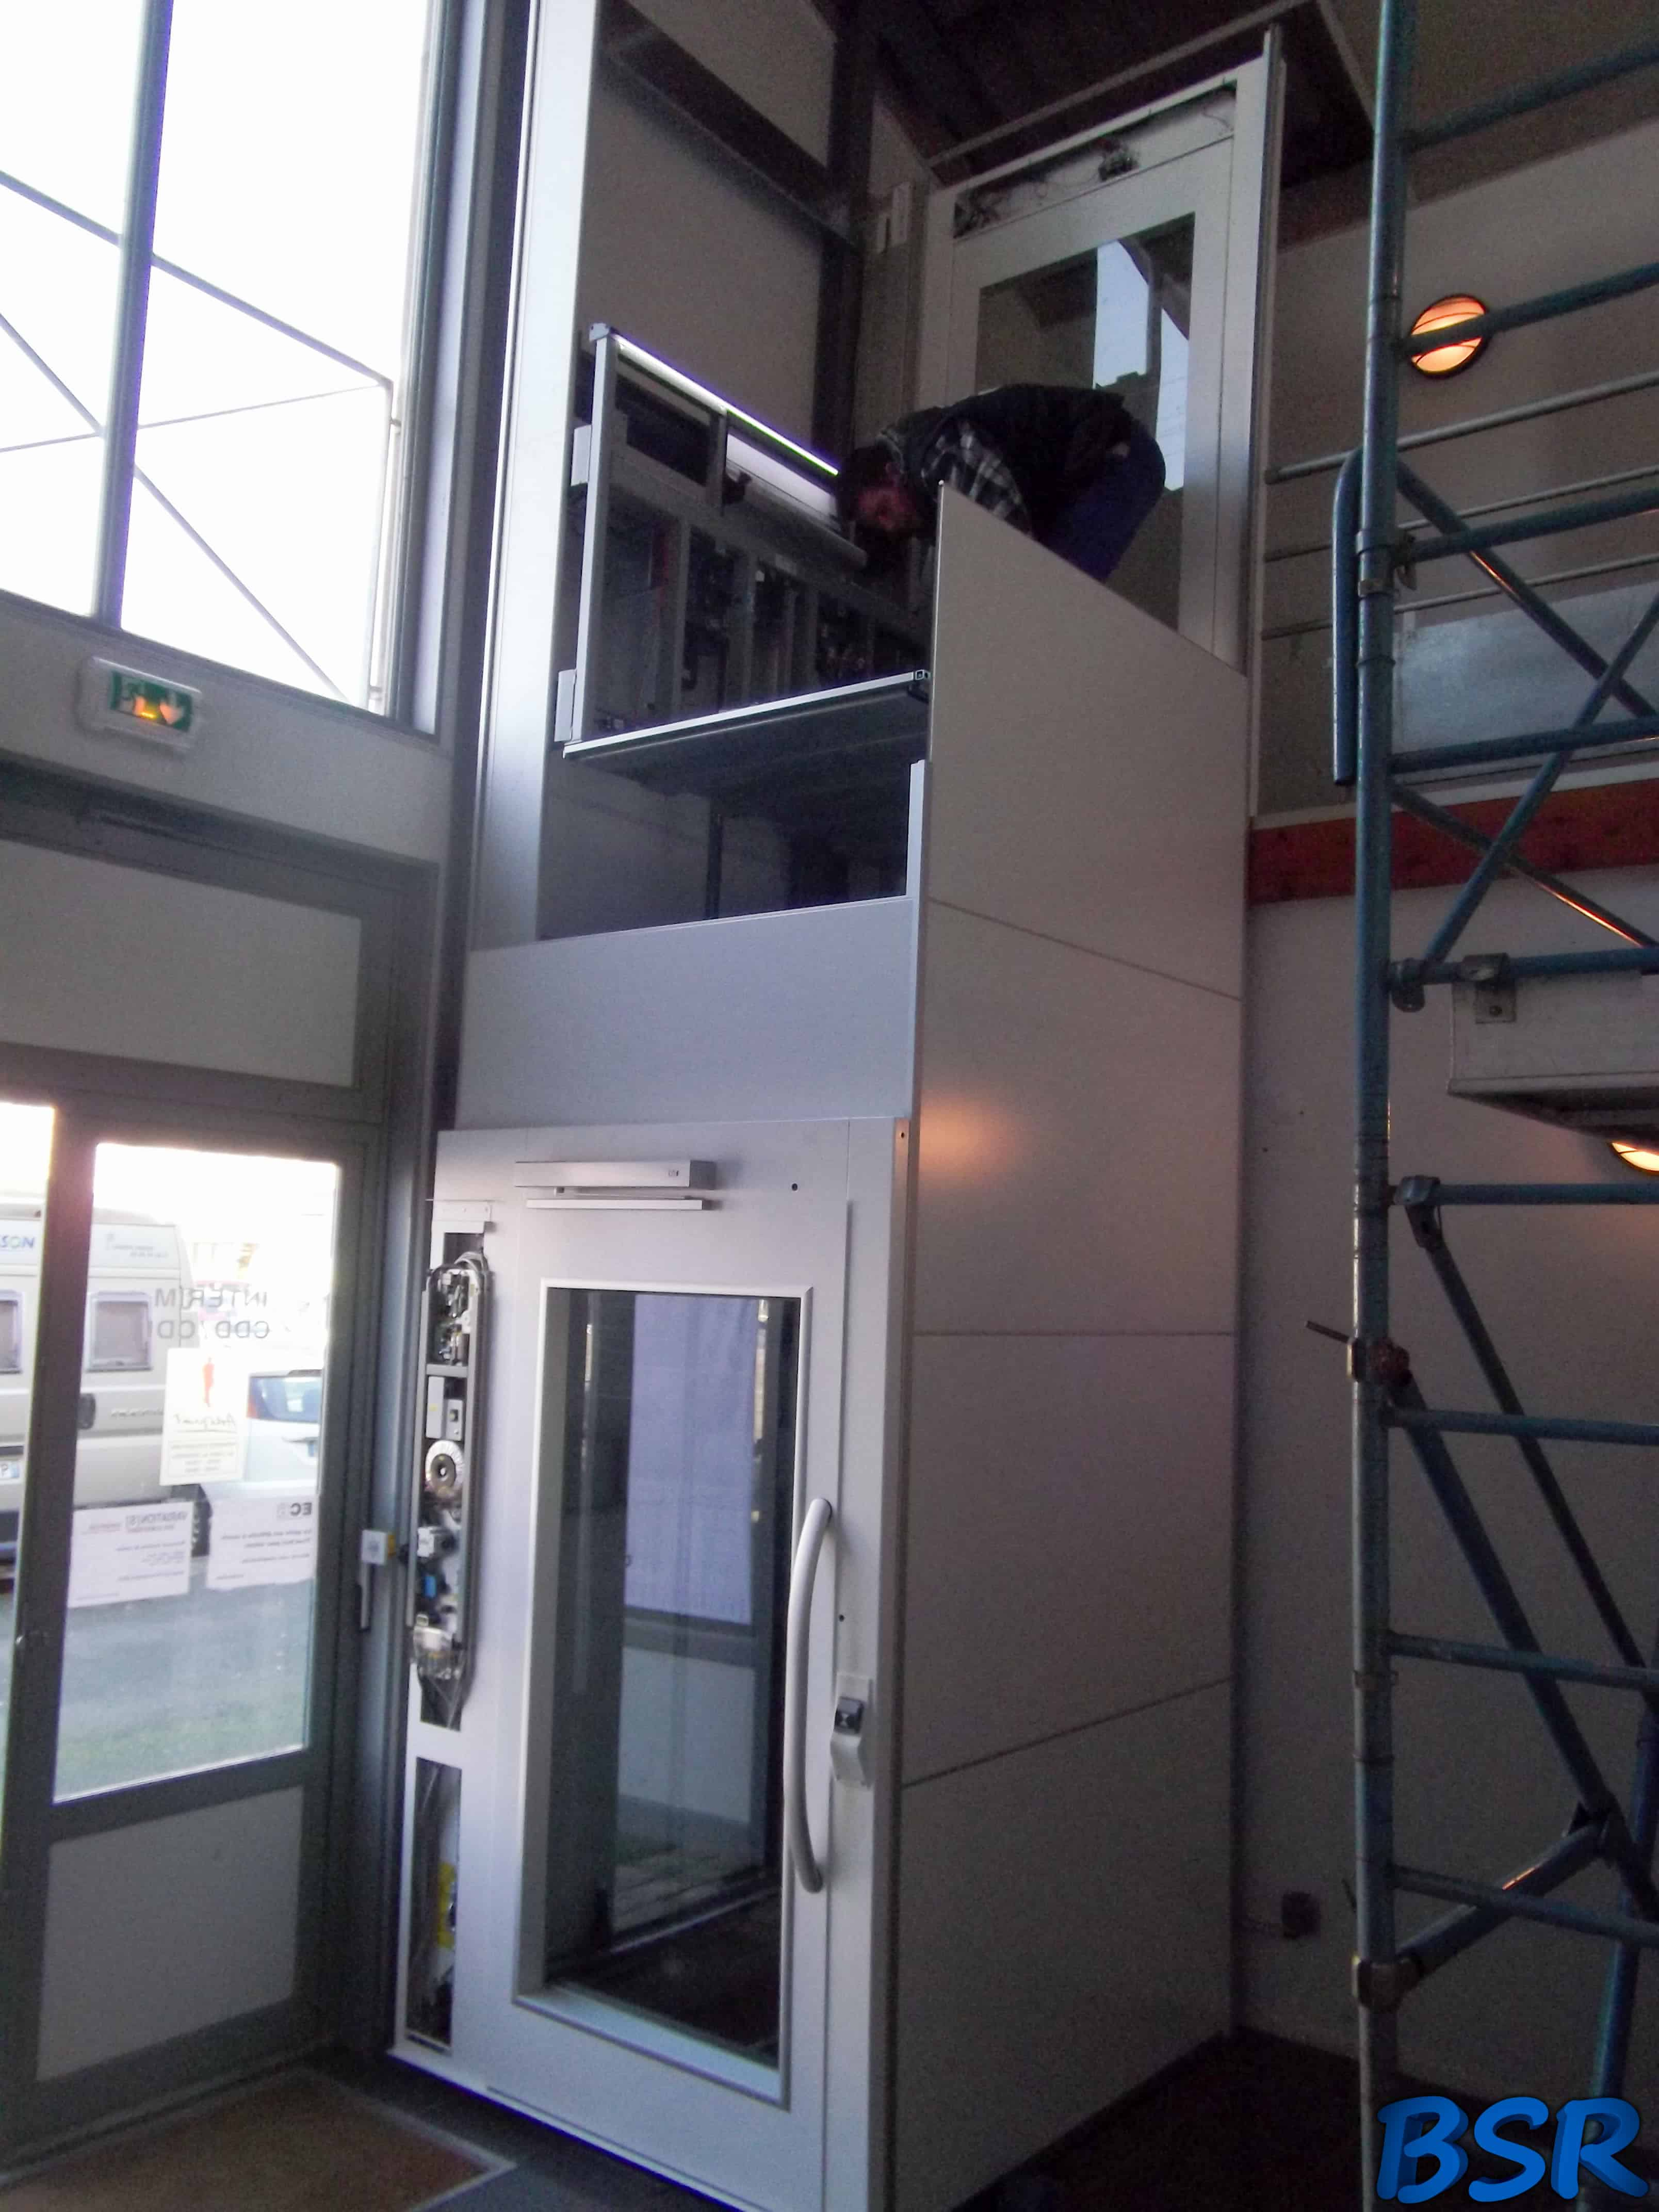 Platforme Elevatrice BSR 001